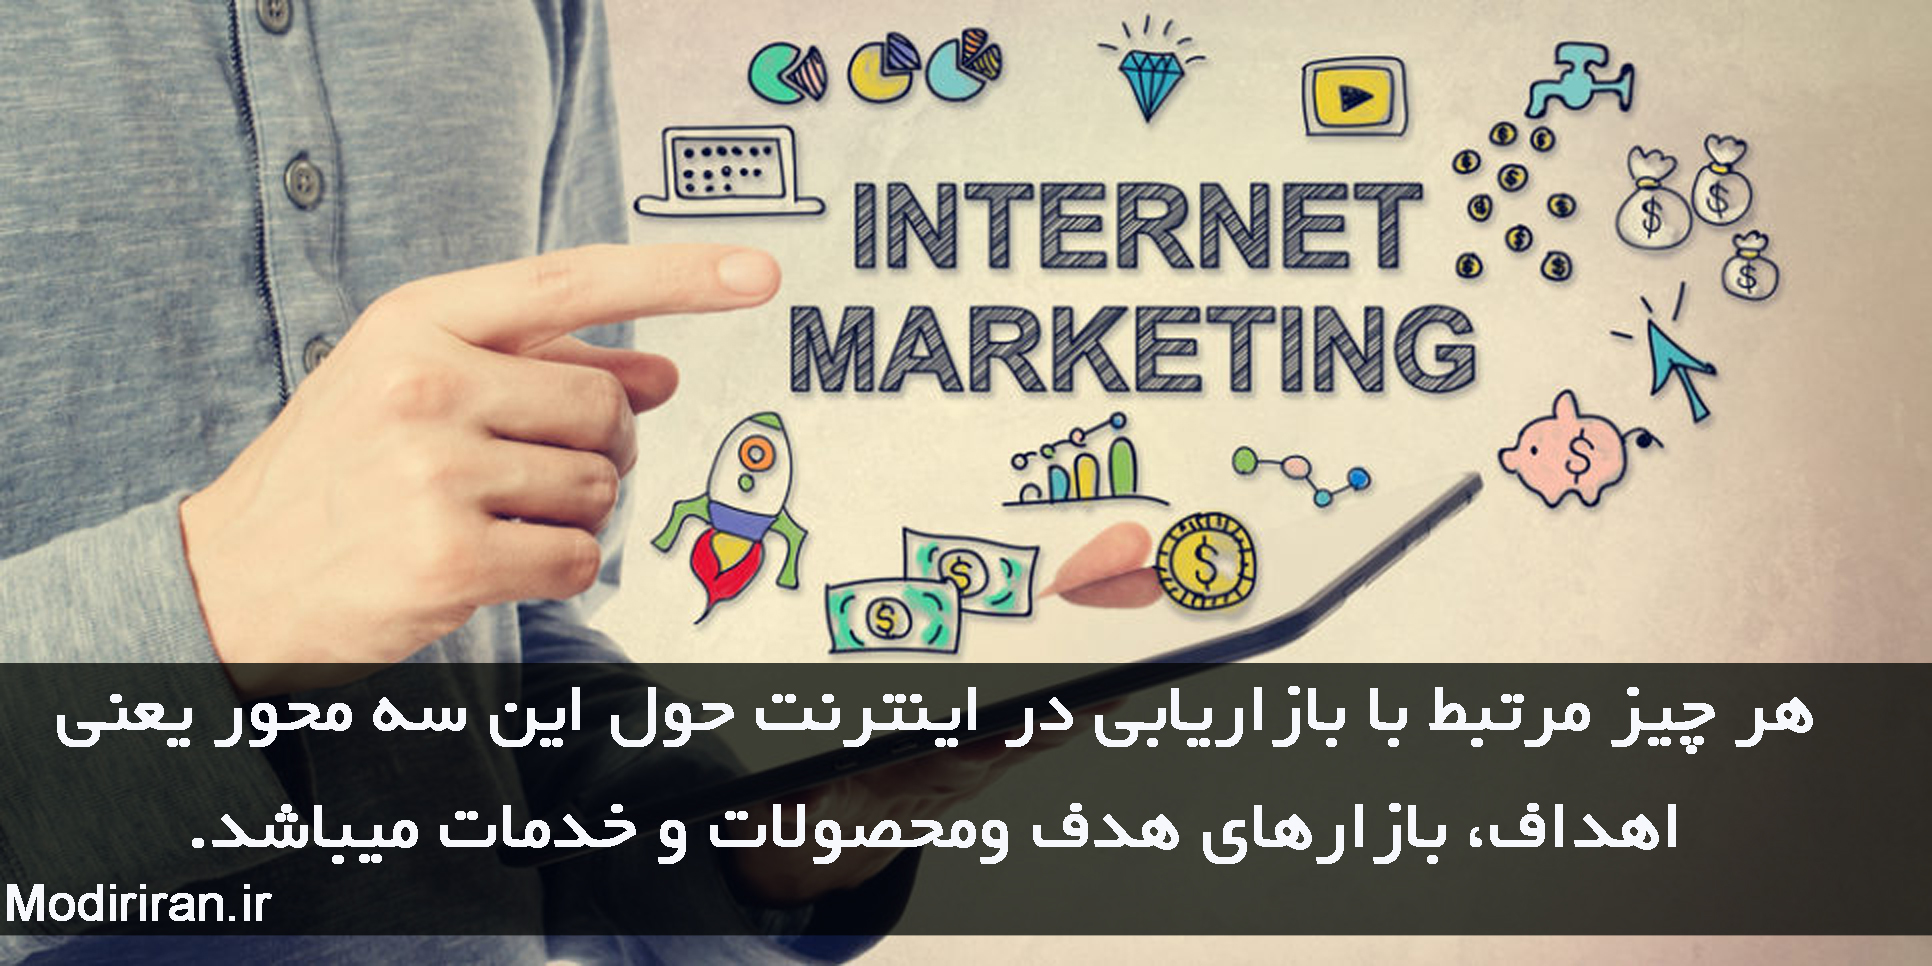 بازاریابی در اینترنت